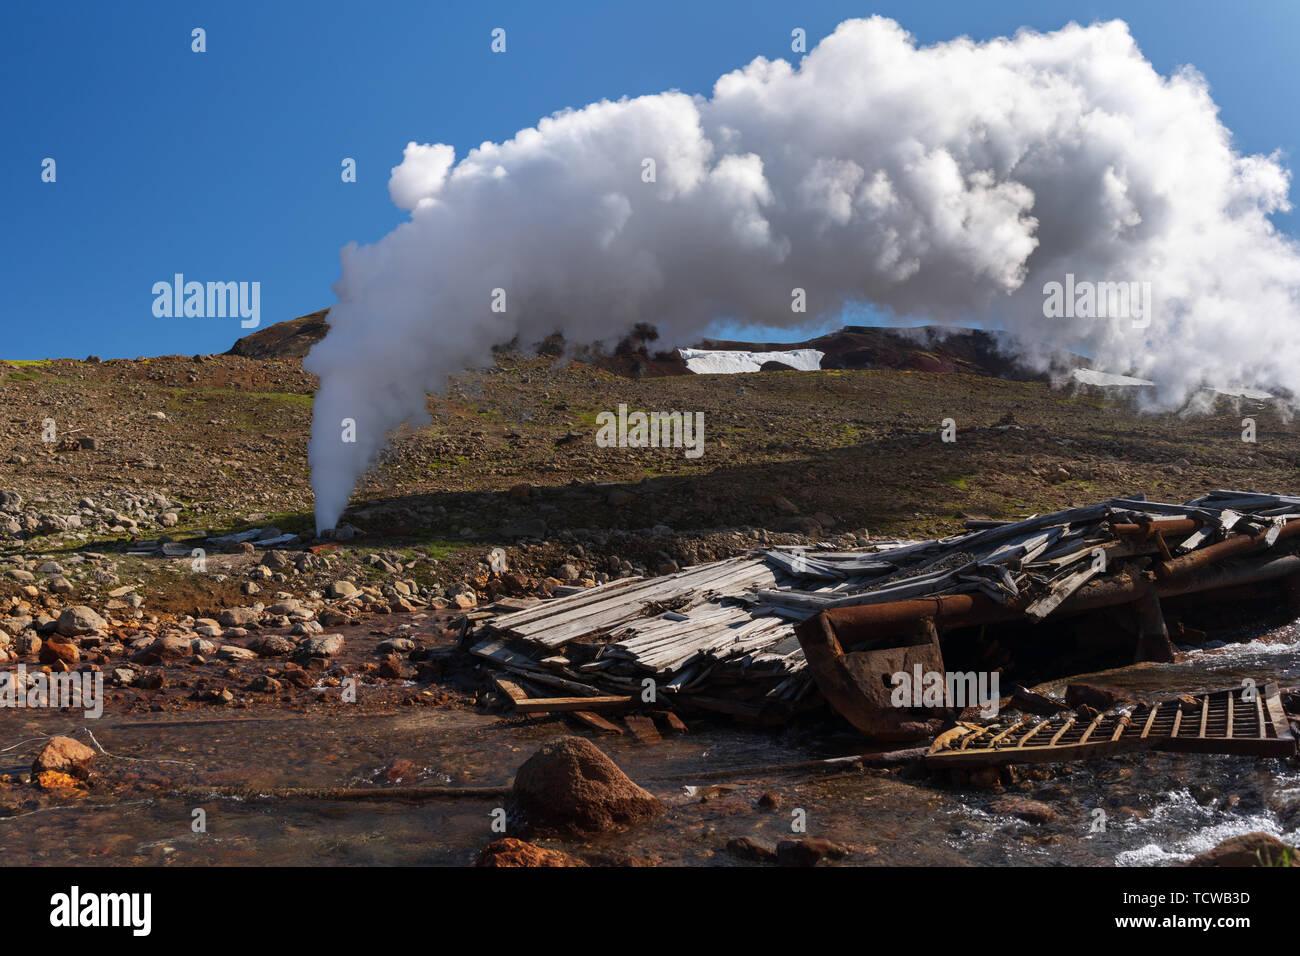 L'émission de l'eau thermale naturelle de minéraux, de vapeur (vapeur-eau) à partir de la commission géologique et dans la zone de dépôt de l'énergie géothermique, l'énergie géothermique power station Photo Stock